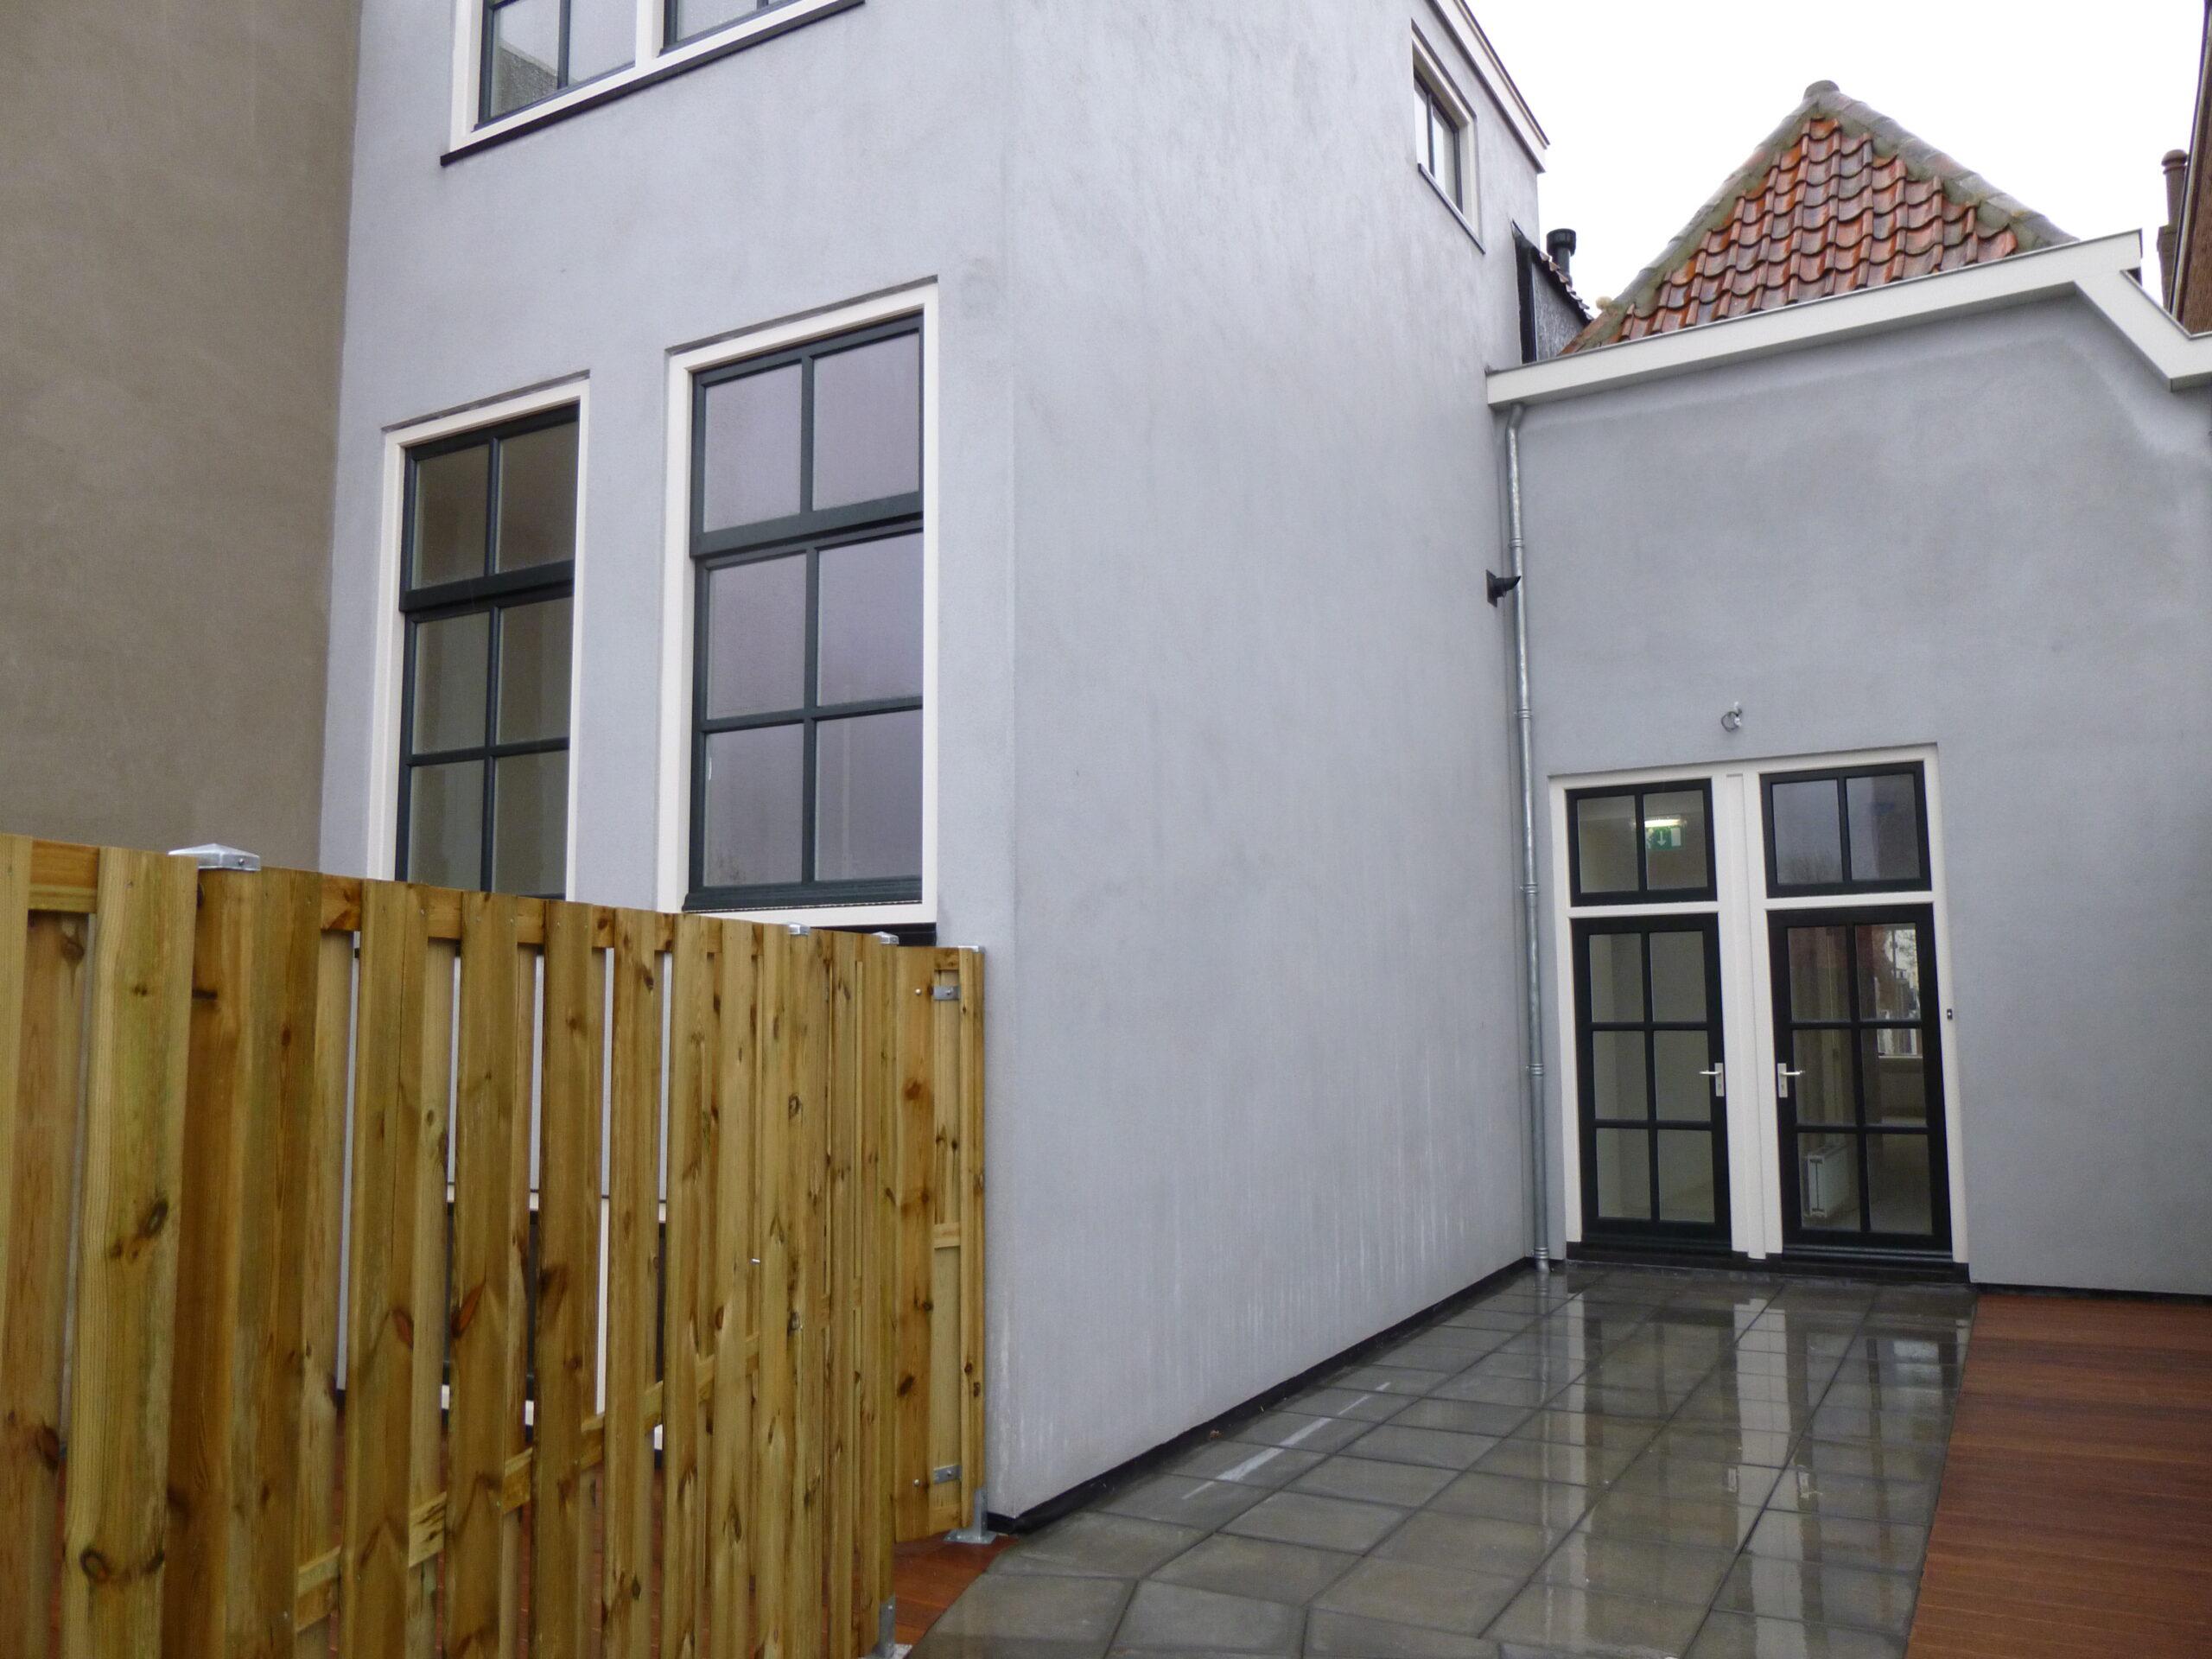 Appartement Hoge Molenstraat 16C Zierikzee